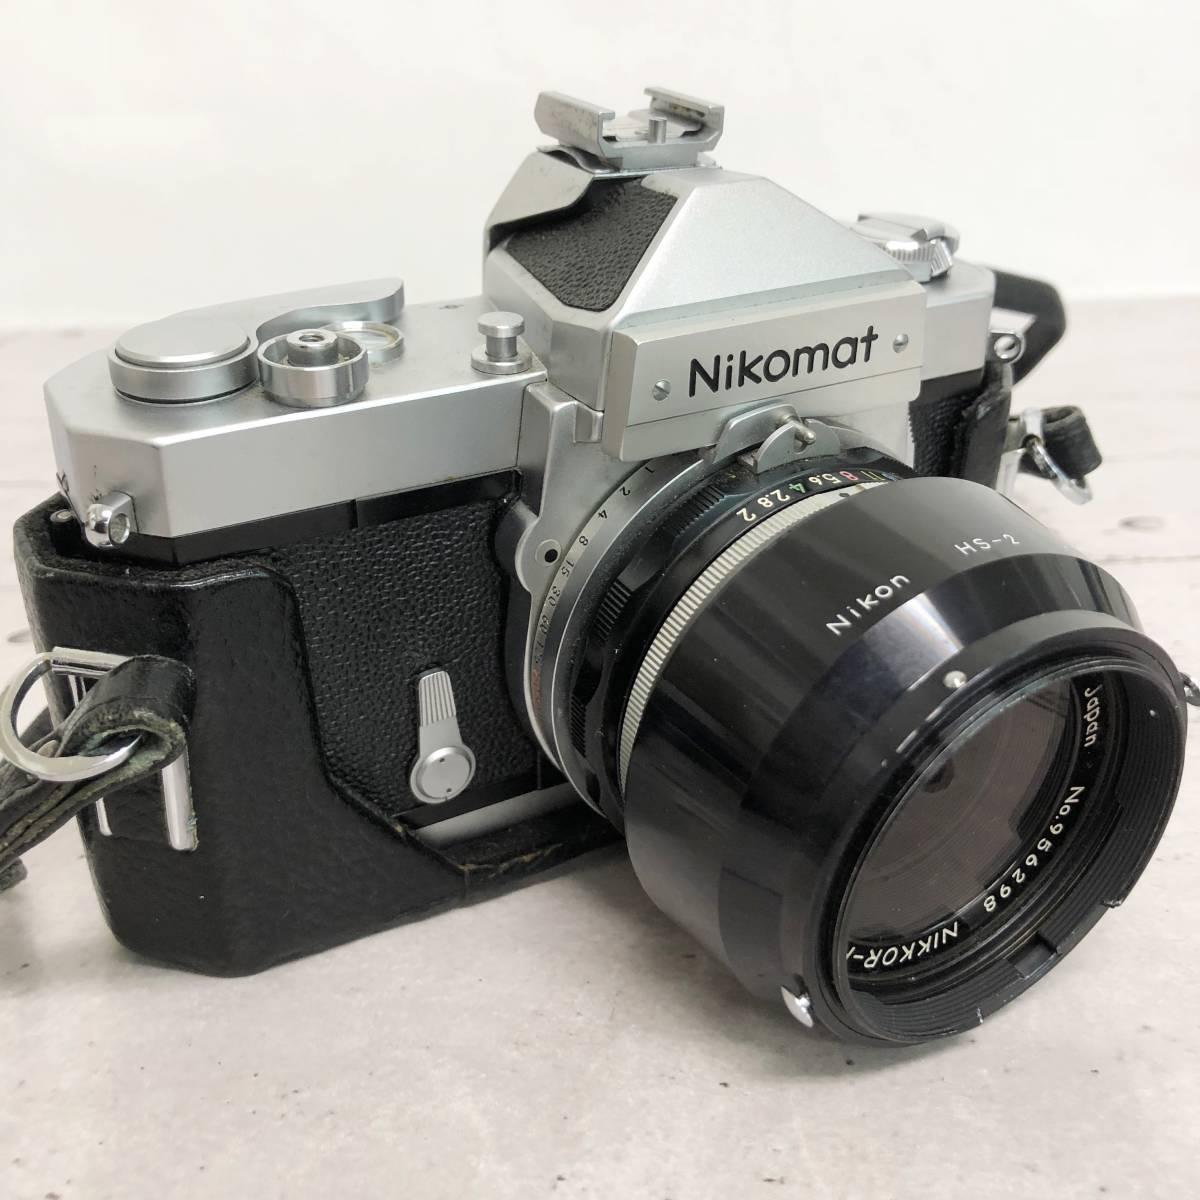 ニコン ニコマット カメラ 5台セット(ニコマット×2台・ニコンF・ニコン F-401)動作未確認 ジャンク品_画像3